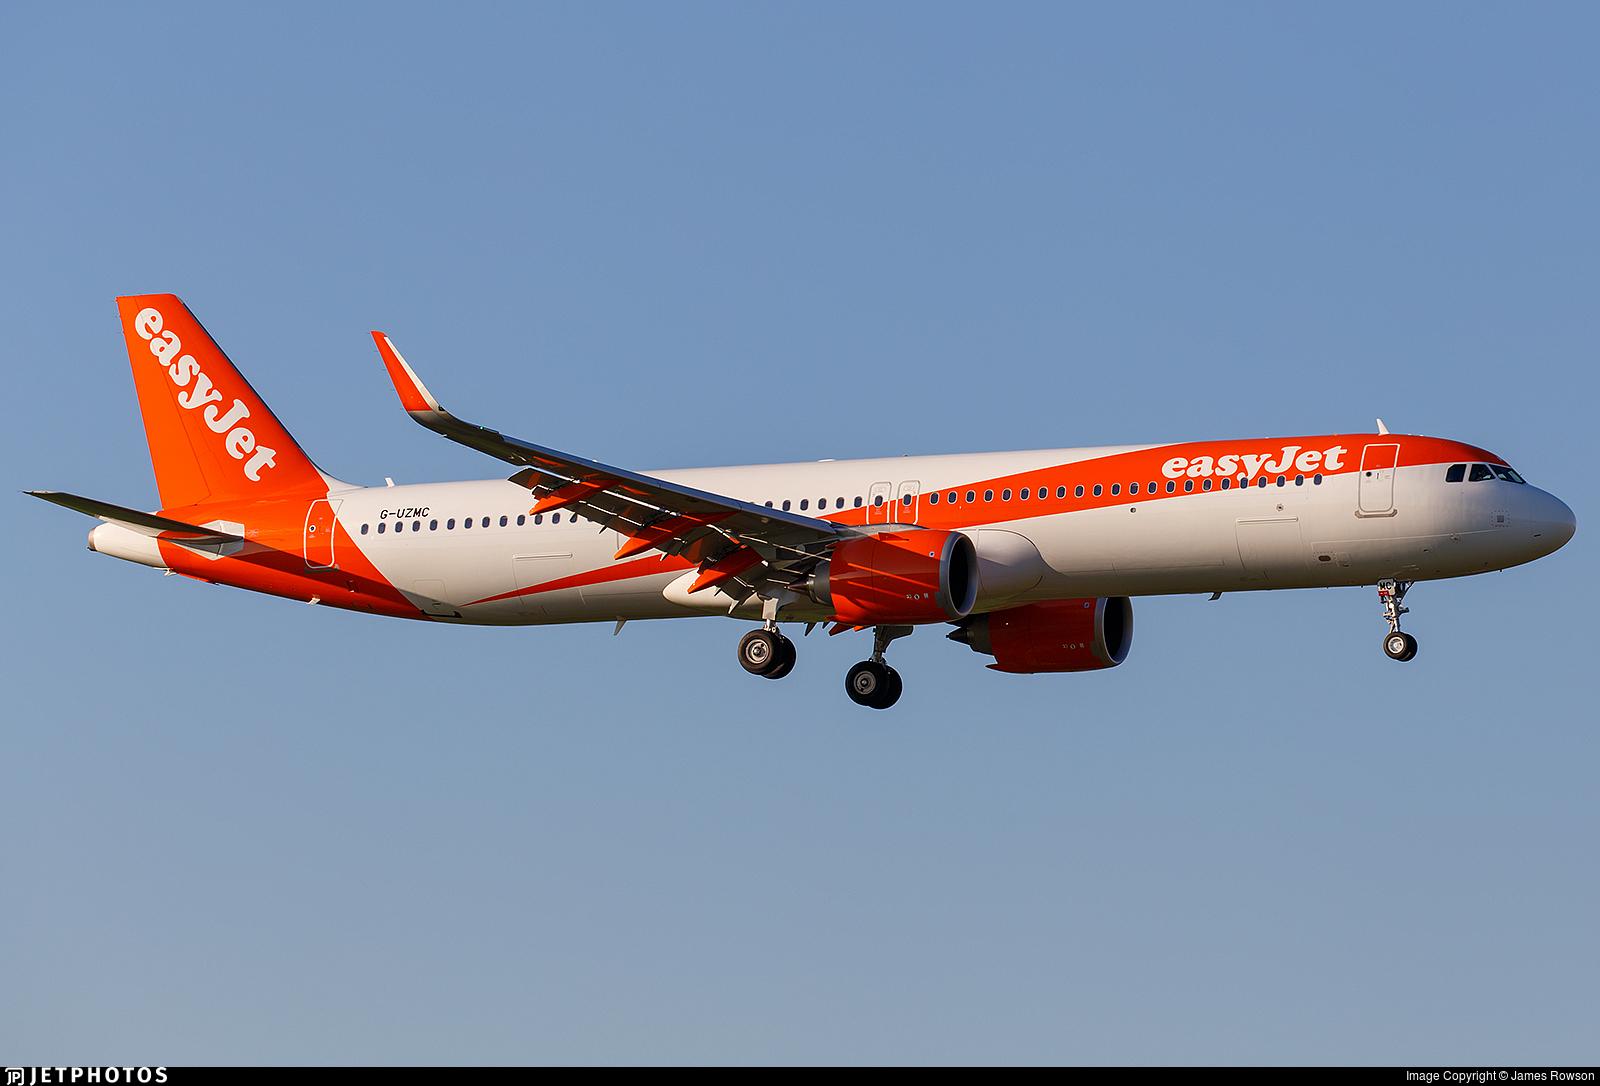 G-UZMC - Airbus A321-251NX - easyJet